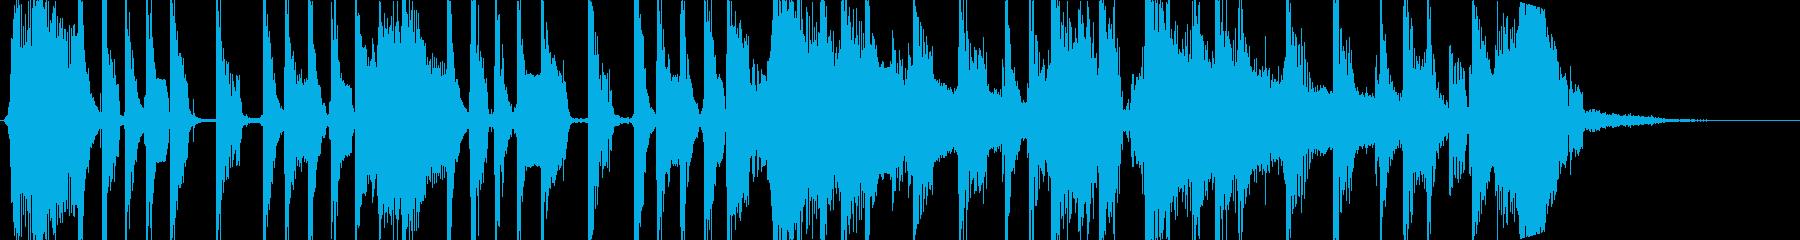 乾いたエレキギターによる短い曲の再生済みの波形